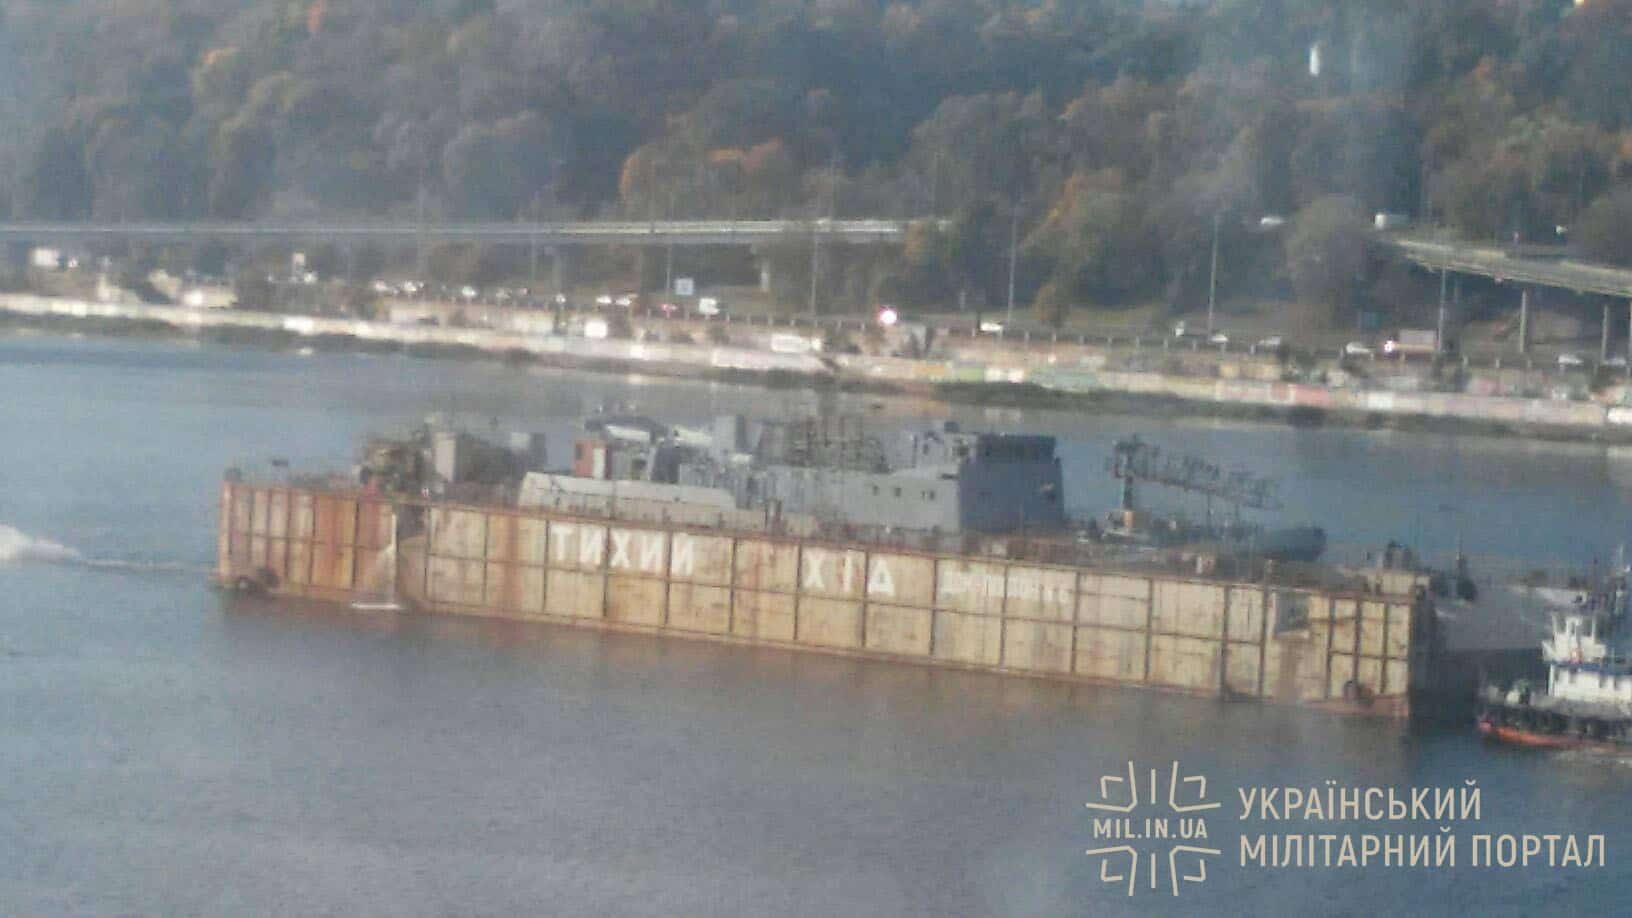 В Одессу по Днепру транспортируют будущий разведчик ВМС: фото